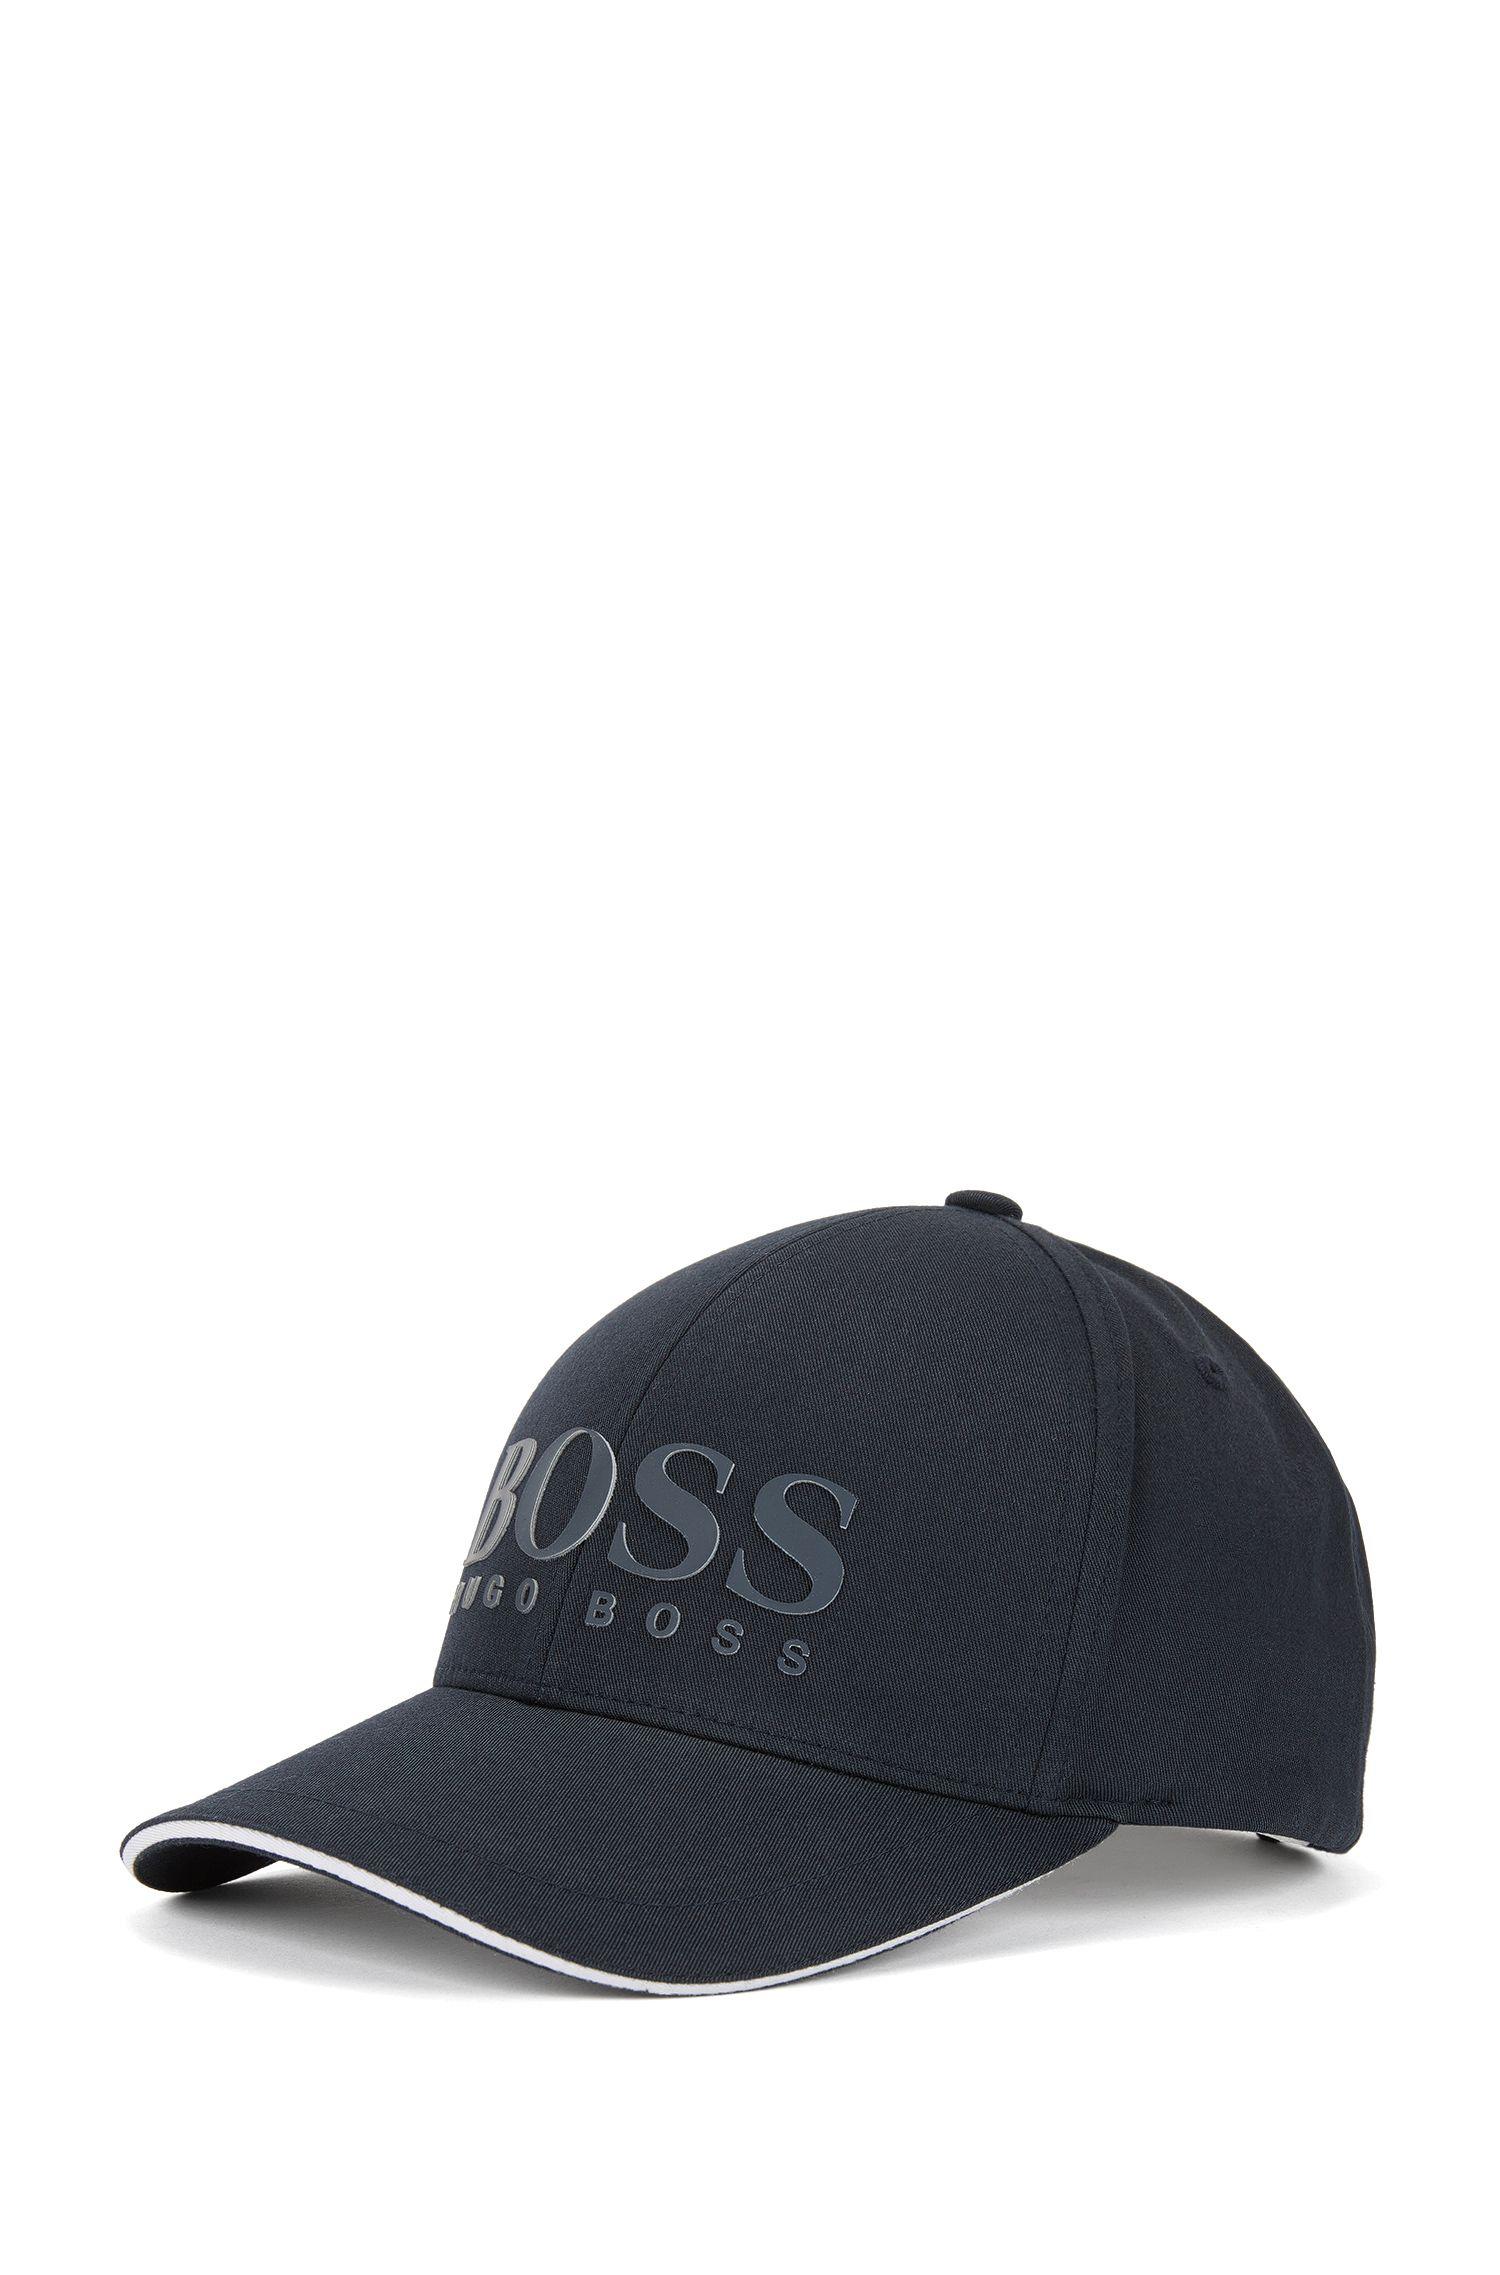 Logo Baseball Cap | BOSS Cap, Dark Blue